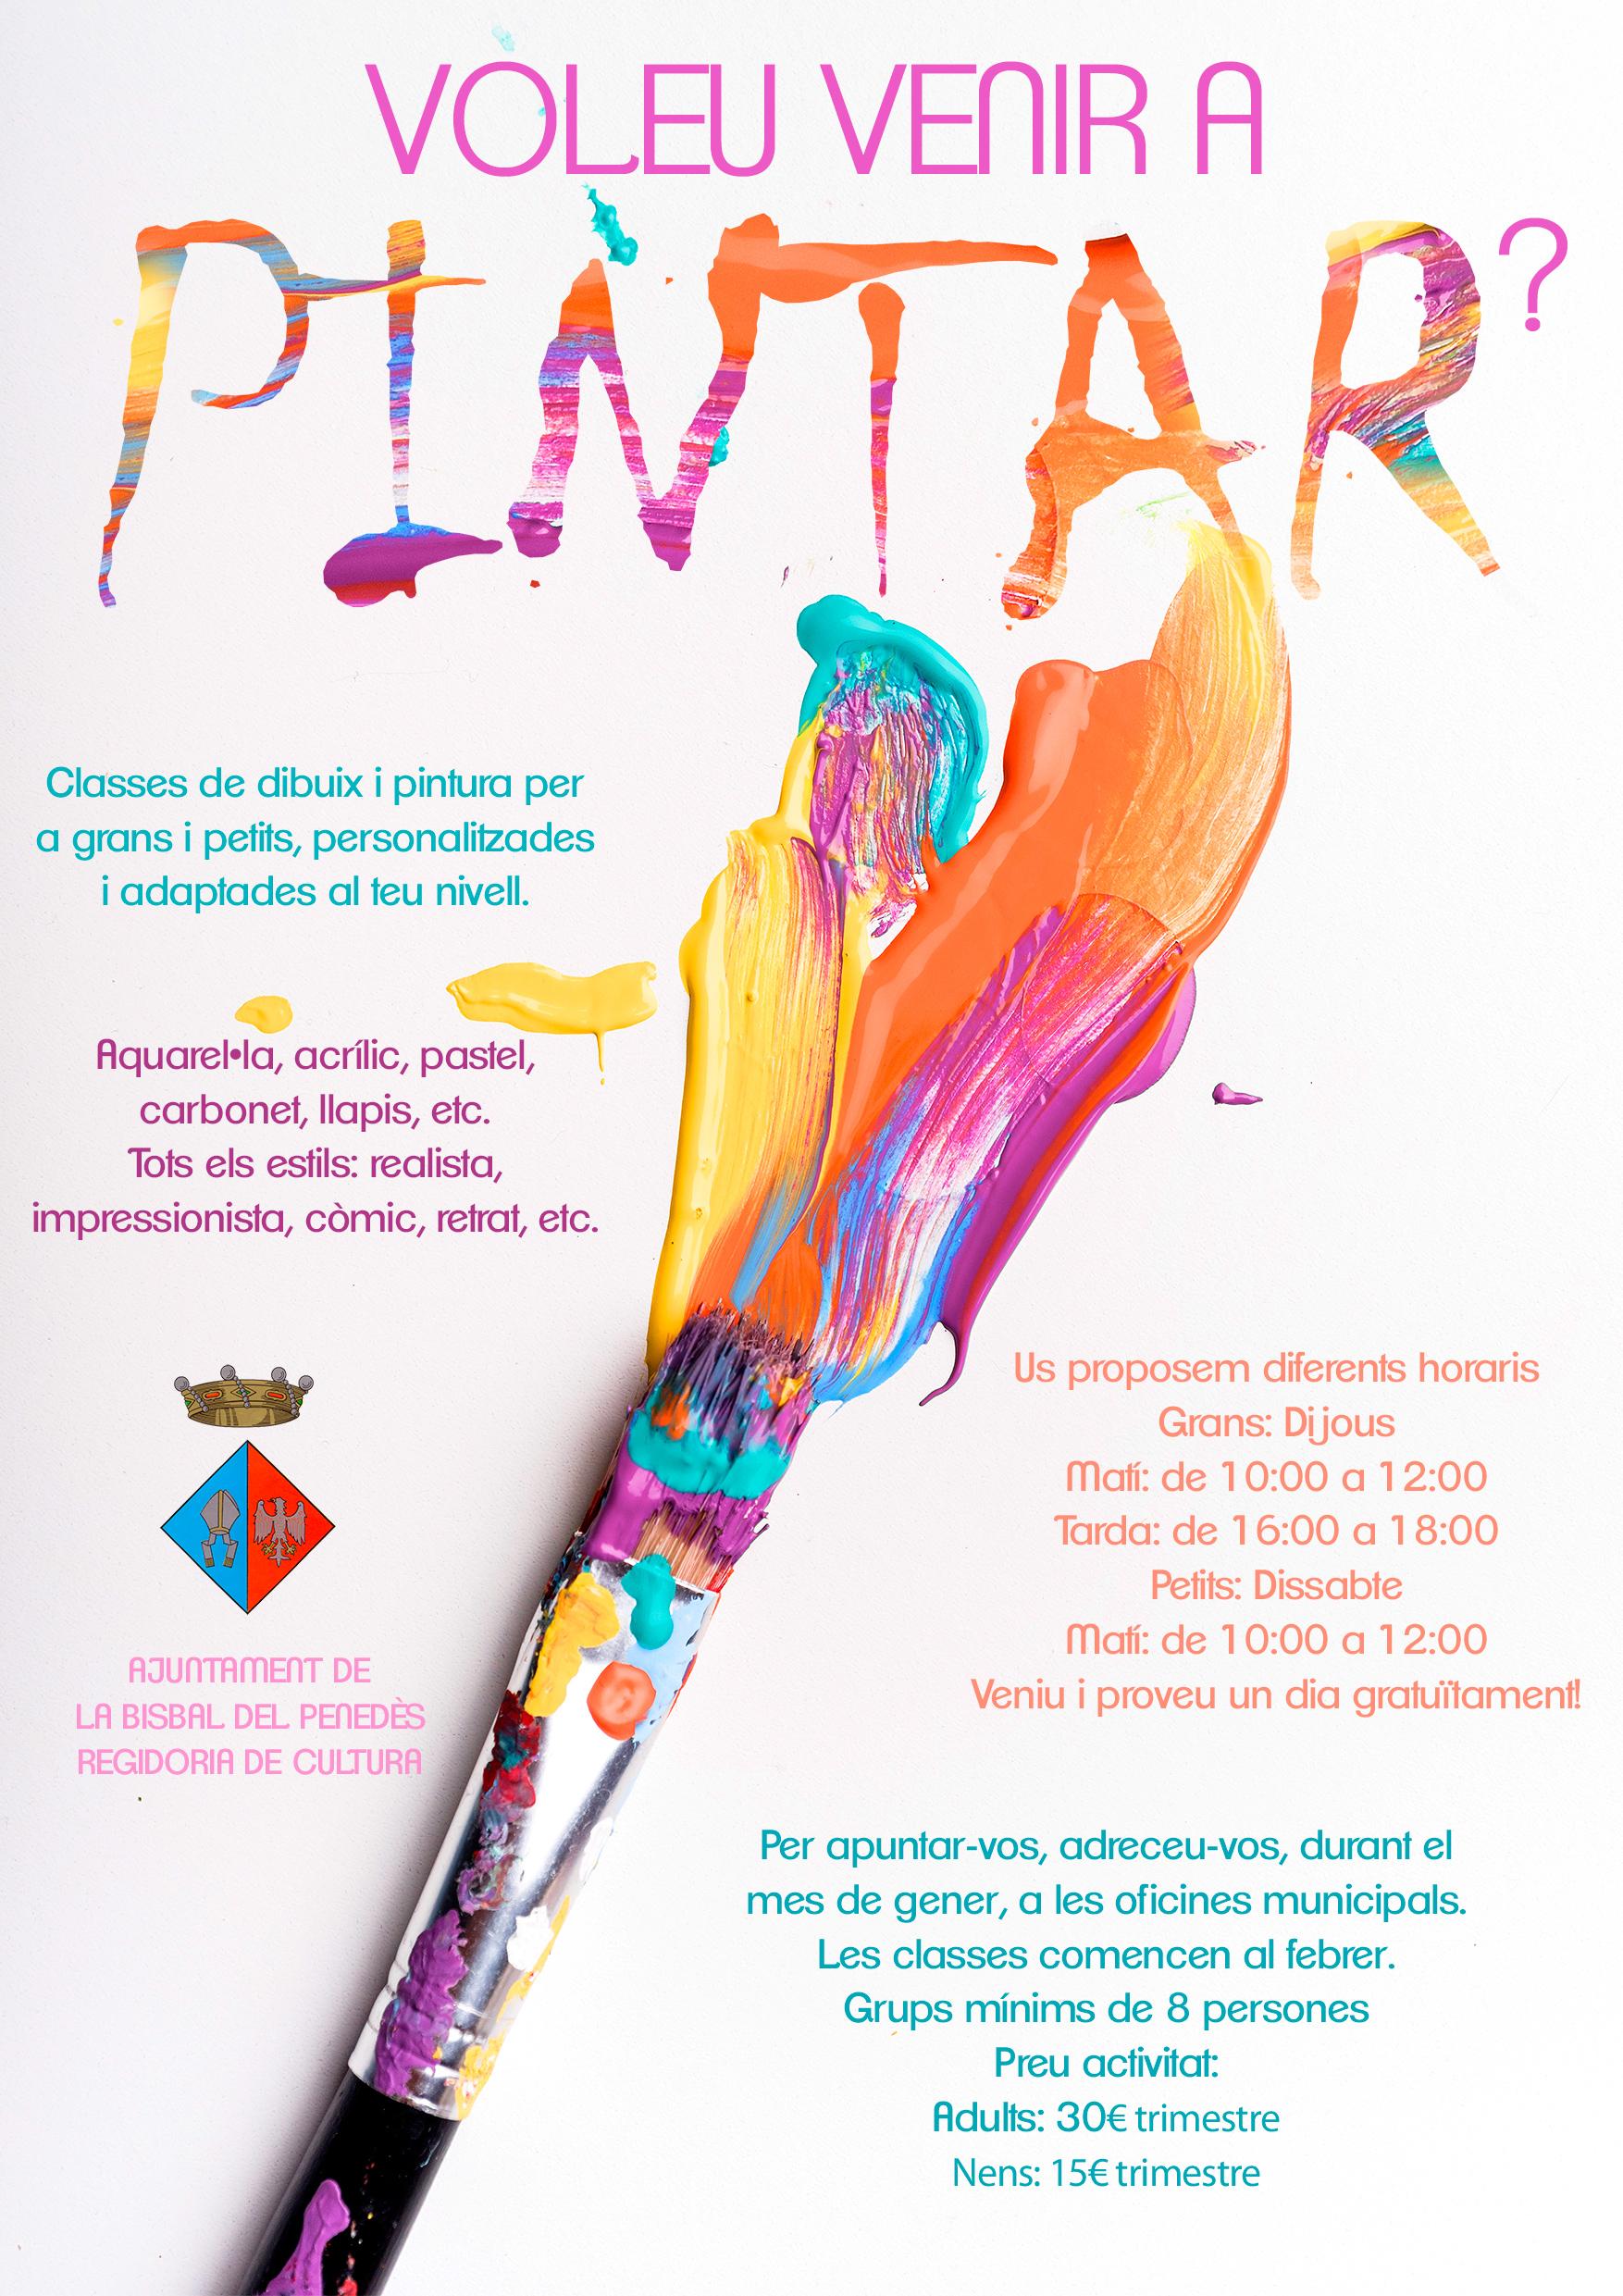 La Regidoria de Cultura ofereix cursos de pintura per a petits i grans a partir del febrer